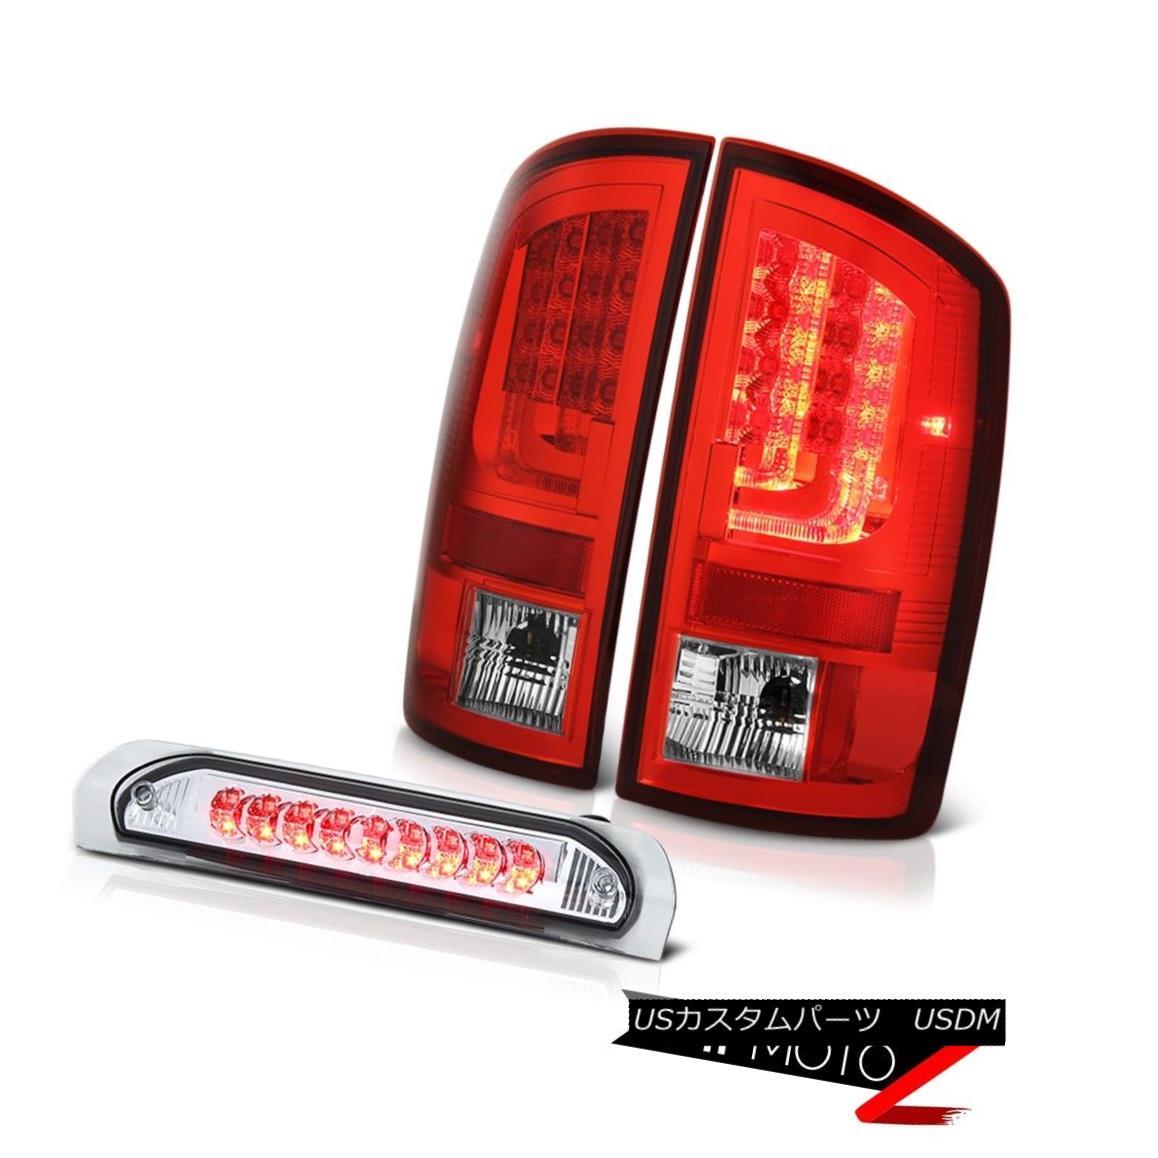 テールライト 2003-2006 Dodge Ram 2500 5.7L Rosso Red Tail Lights Euro Chrome High STop Lamp 2003-2006 Dodge Ram 2500 5.7LロッソレッドテールライトユーロクロームハイSTOPランプ